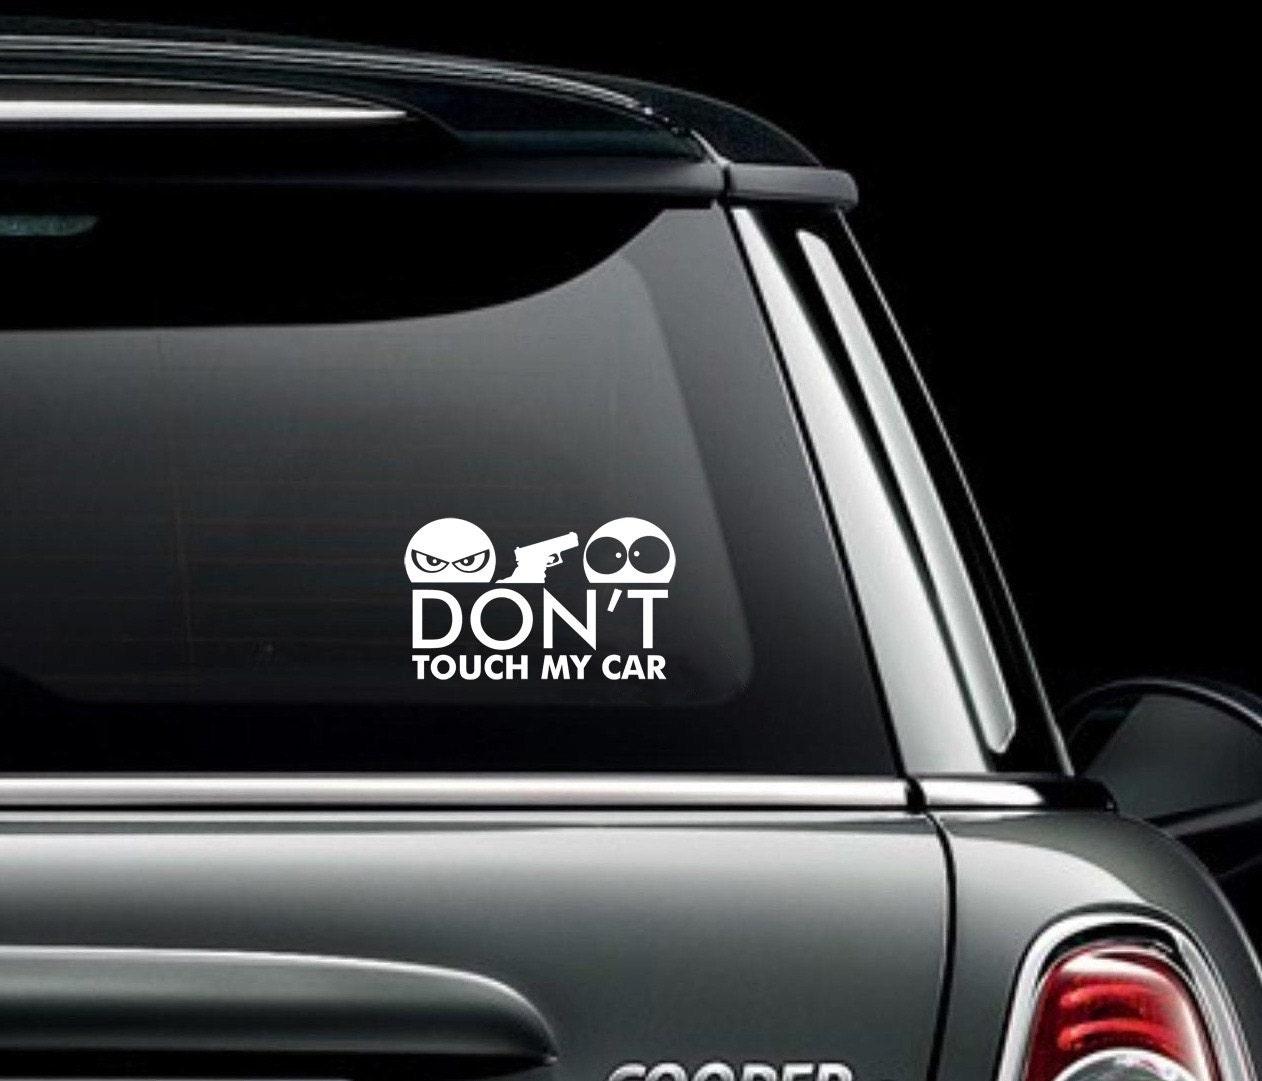 Design my car sticker -  Zoom